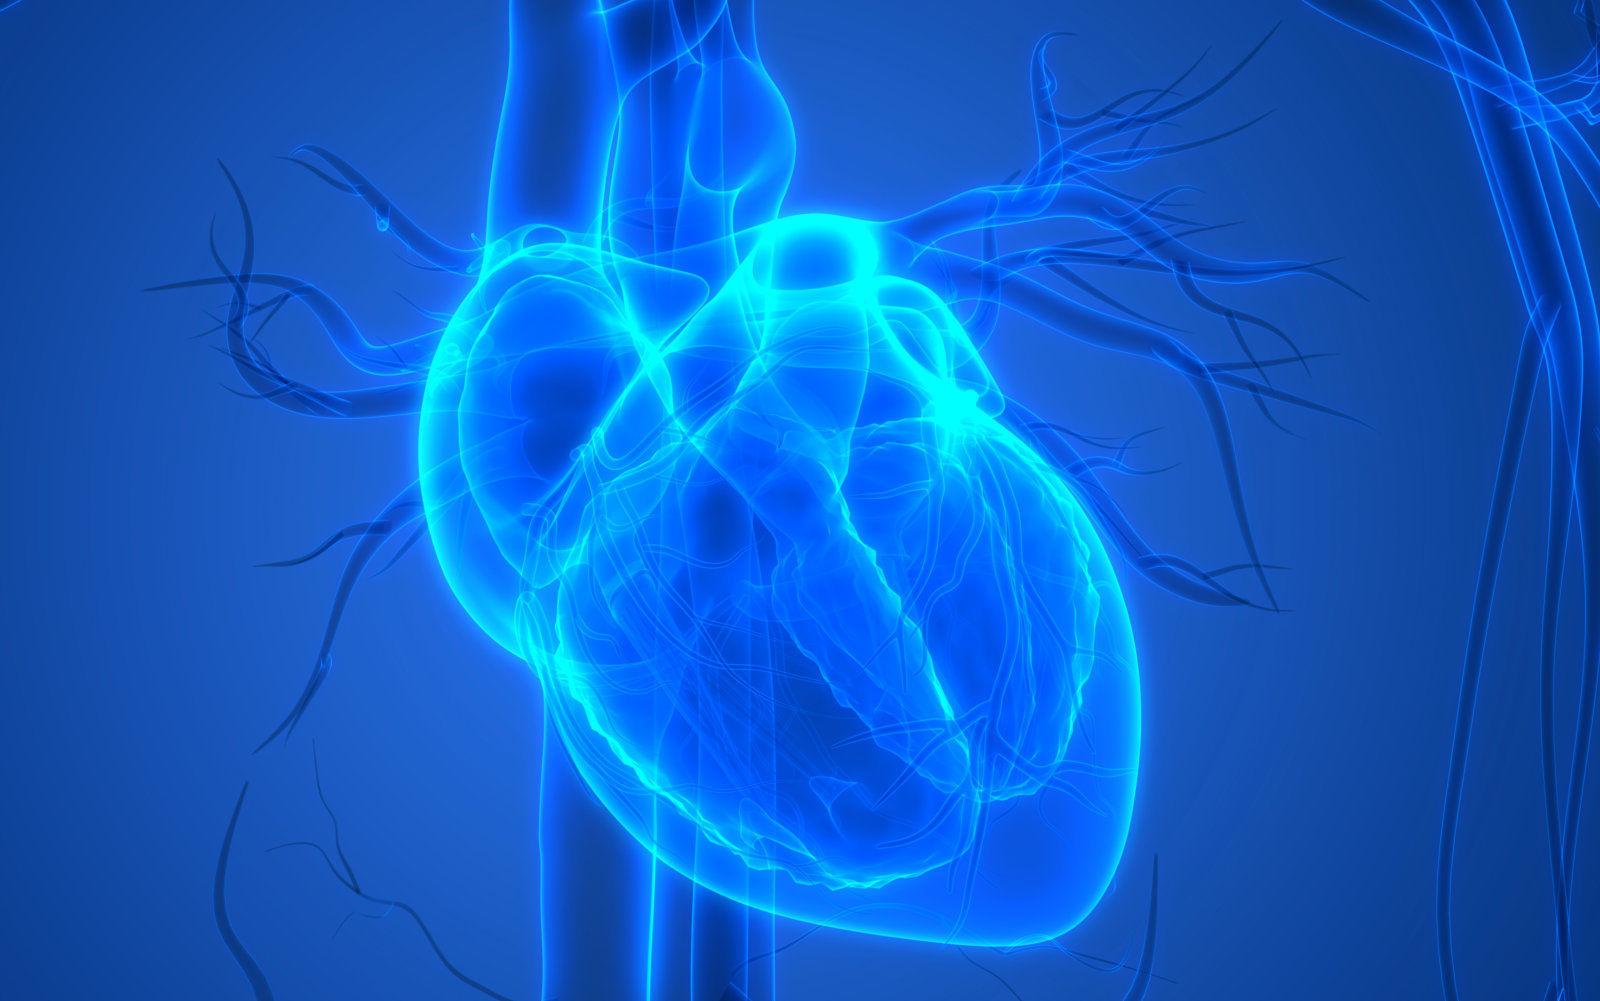 【本当なら】糖質制限で心臓が苦しくなる?心室細動のリスクも上昇?それって本当?【やばいけど】